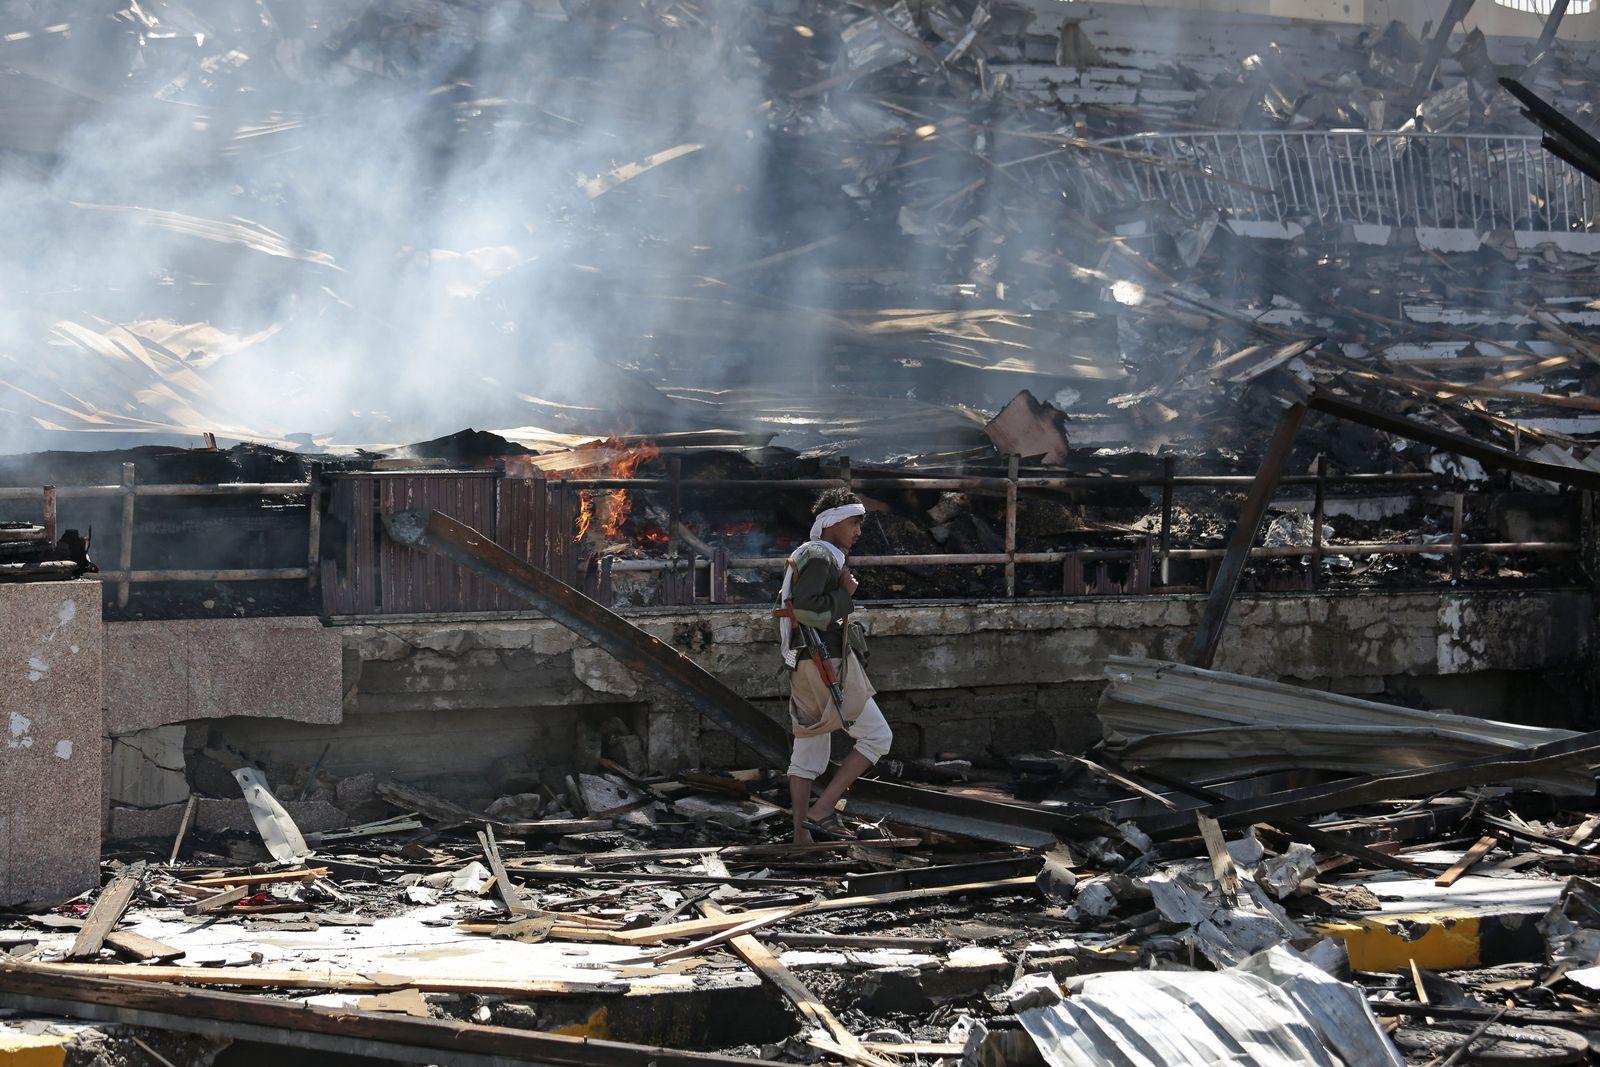 Jemen/ Saudi-arabischer Luftangriff auf Sanaa